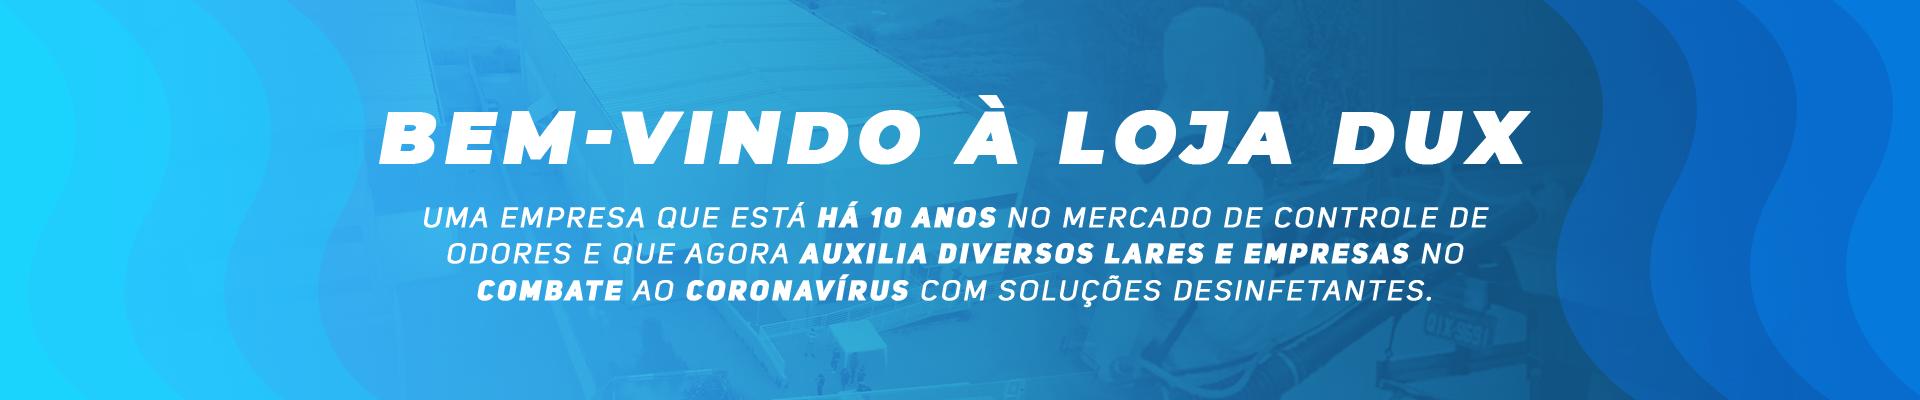 Bem-vindo à lojadux.com.br